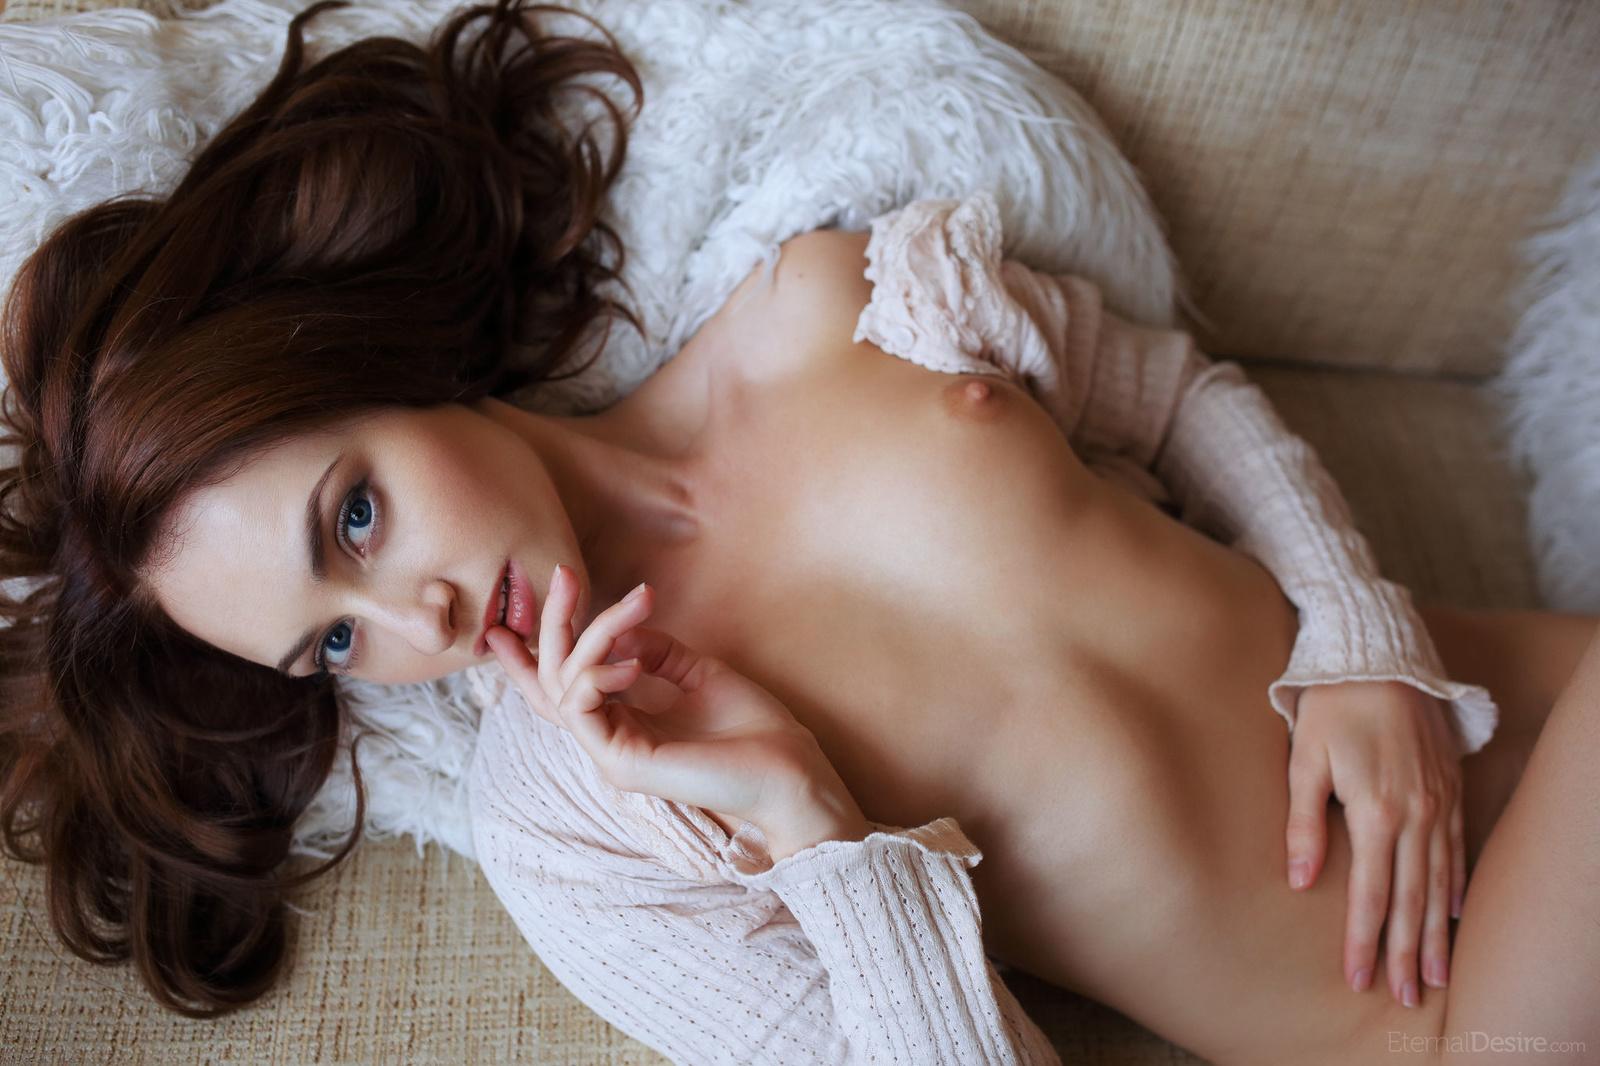 Zdjęcie porno - 0818 - Różowa szparka